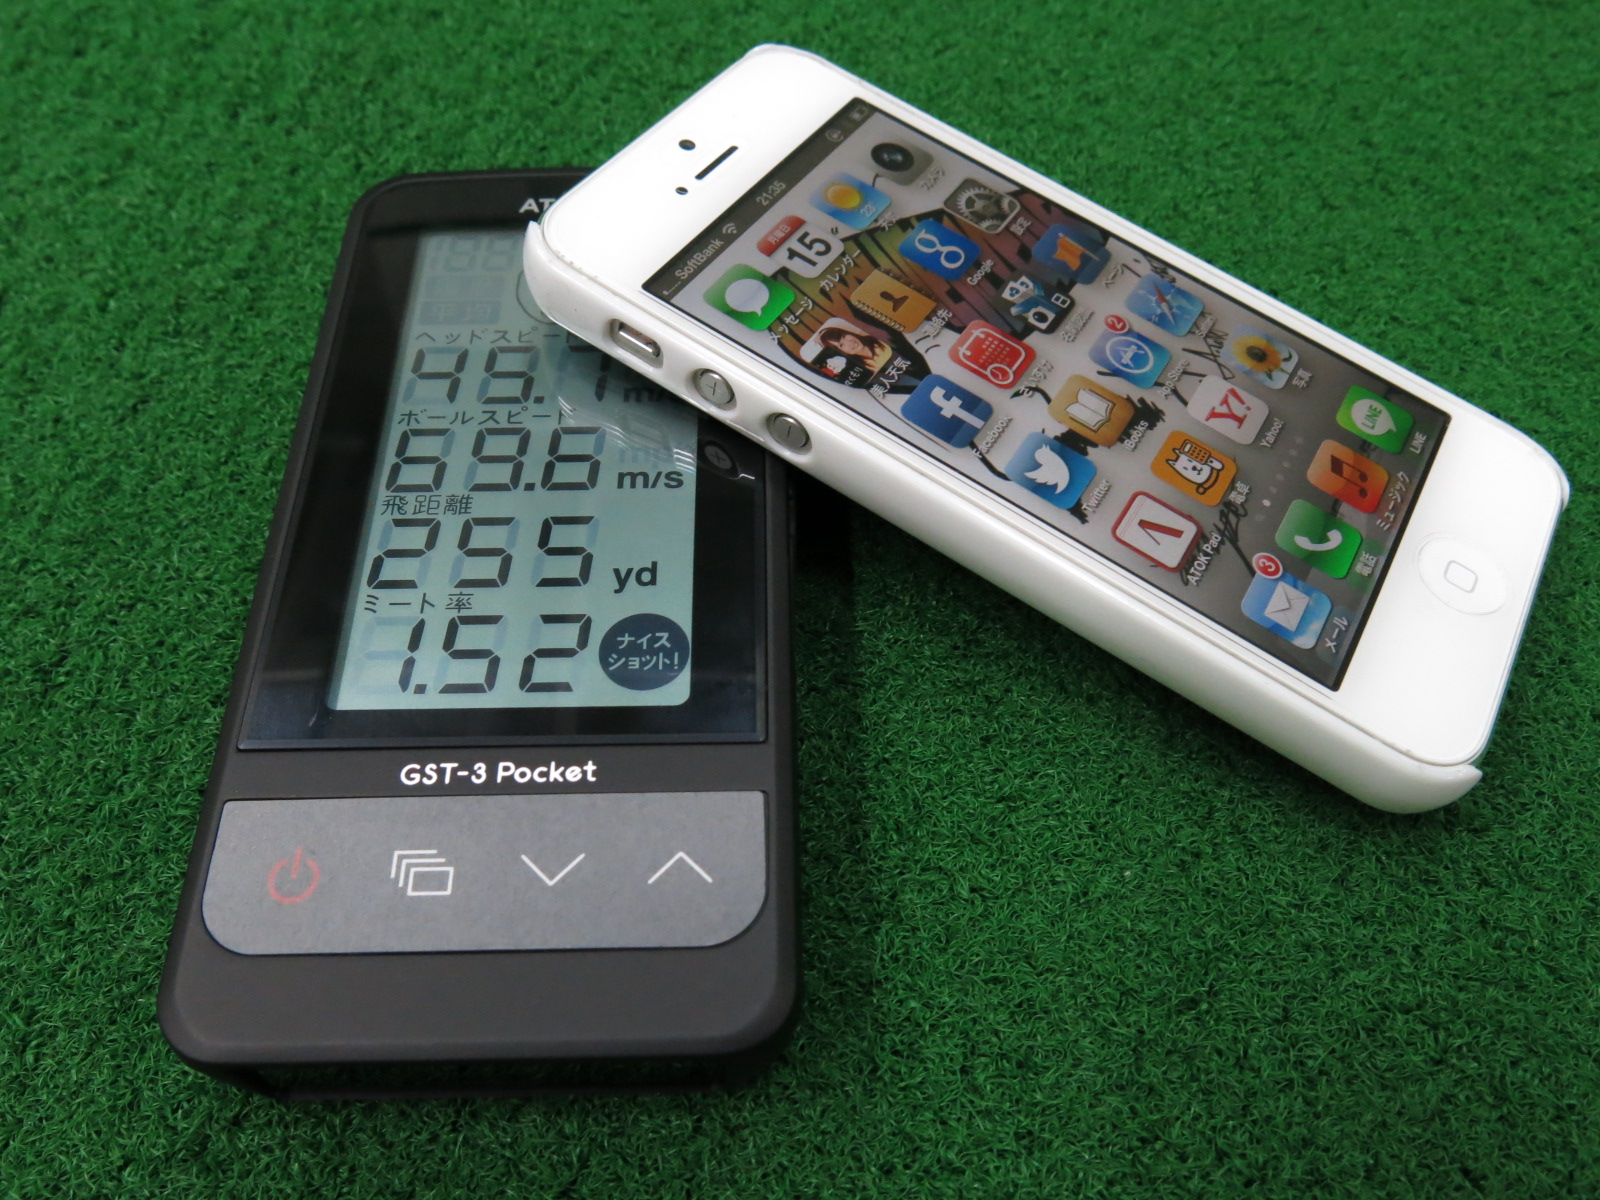 サイズはiPhone5とほぼ同じ~